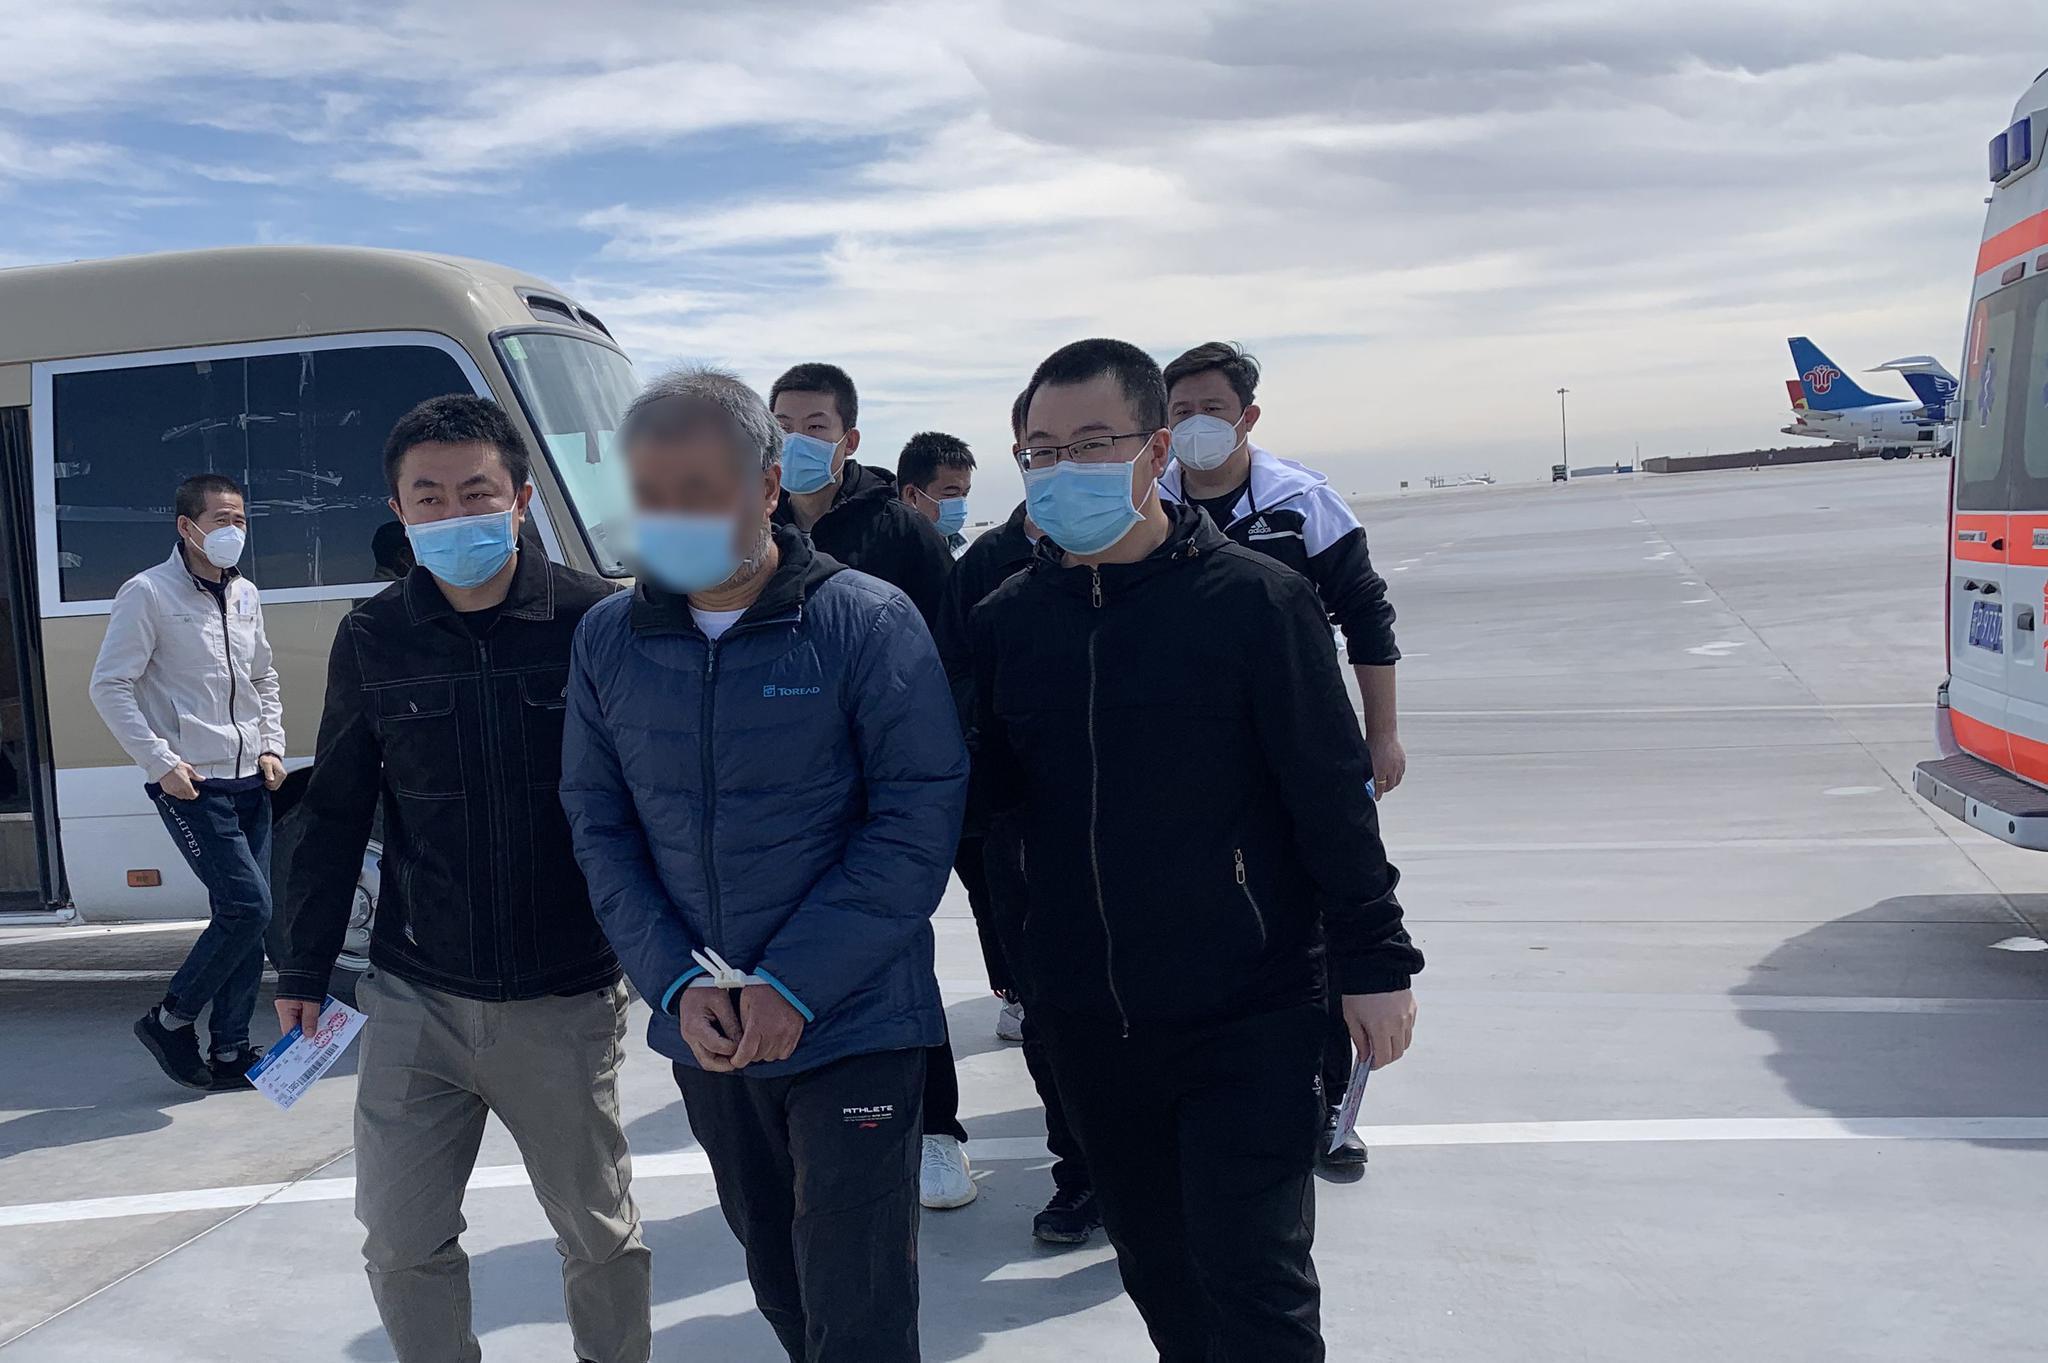 北京警方侦破特大骗税案,首次成功从吉尔吉斯斯坦引渡逃犯回国